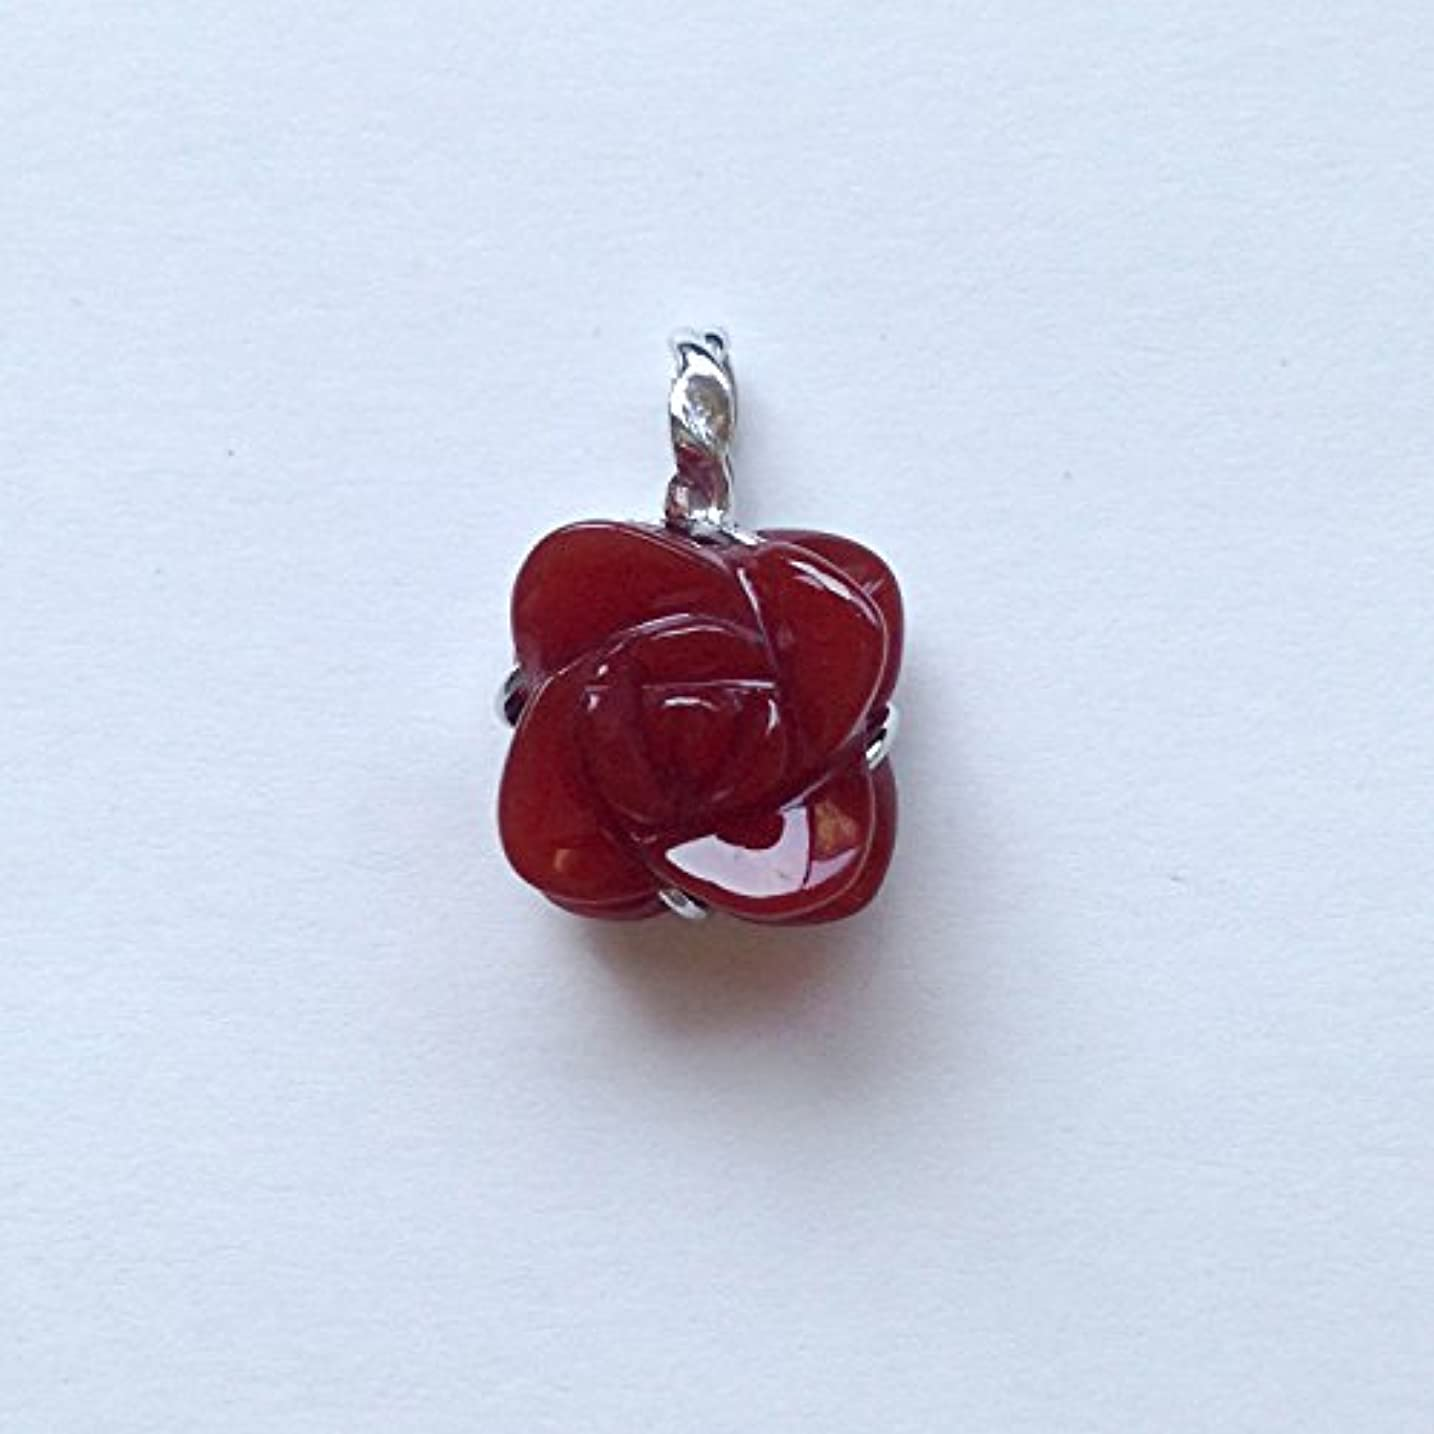 扱うフリース爆風香る宝石SV赤メノウペンダント通常¥26,800の所 (Ag925)